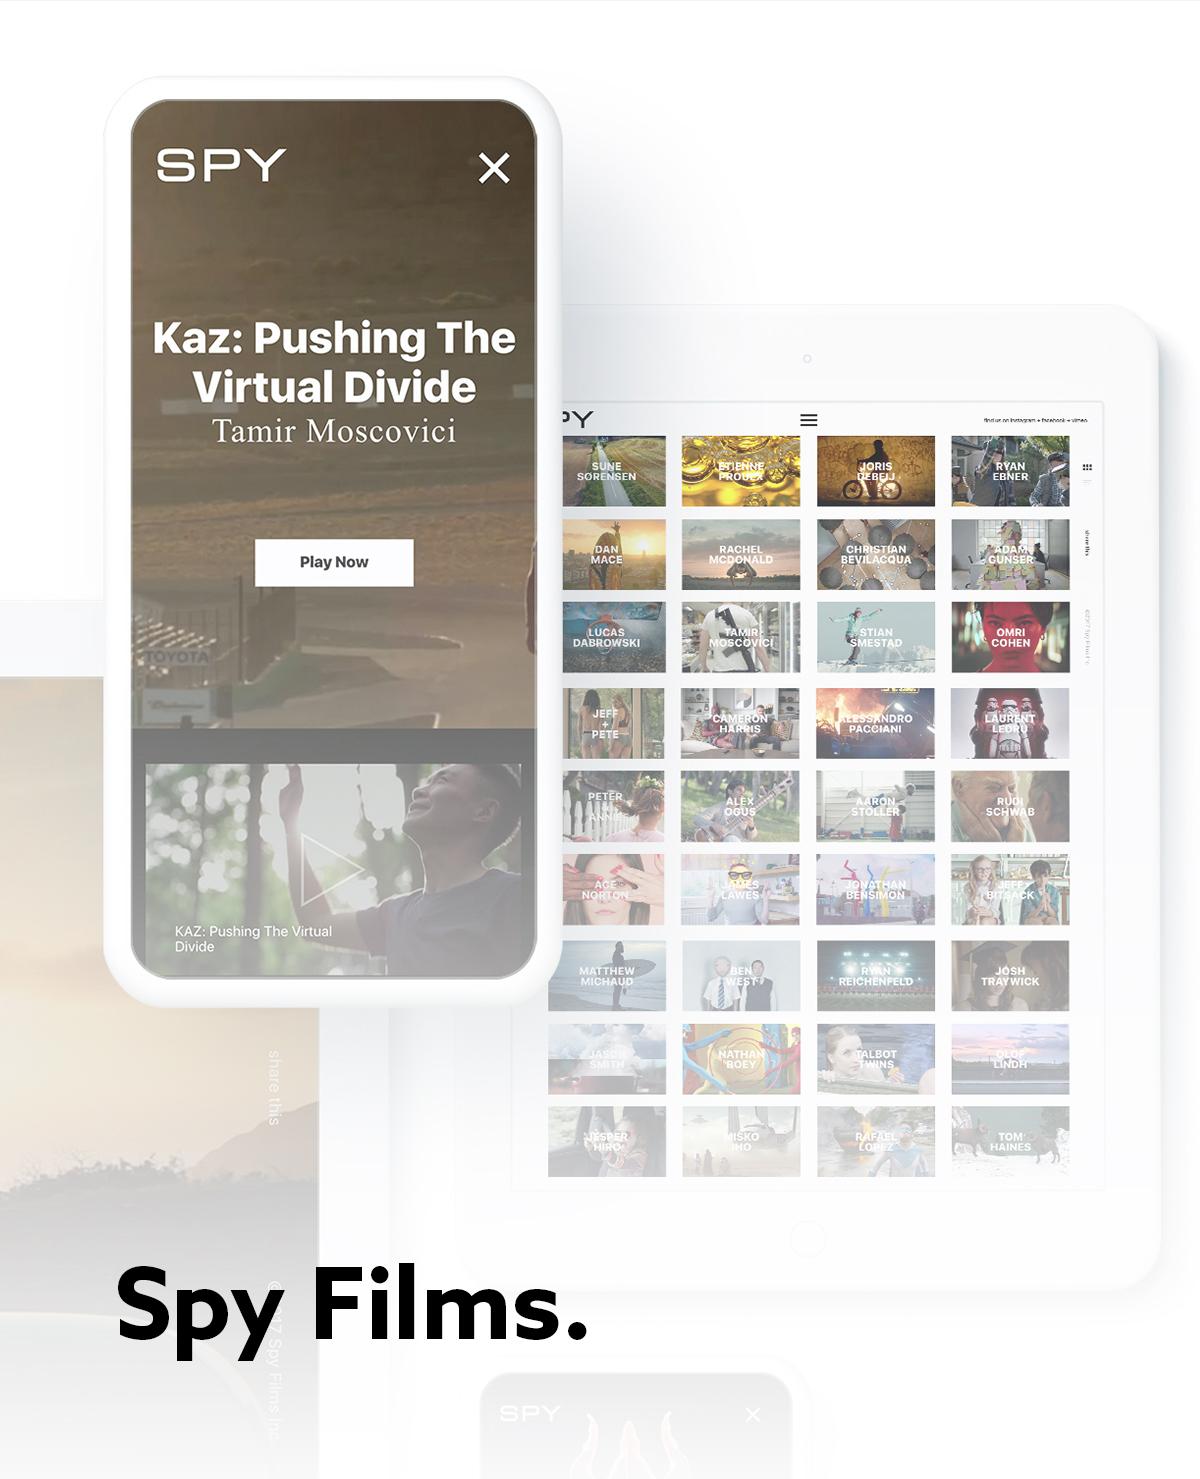 Spy Films